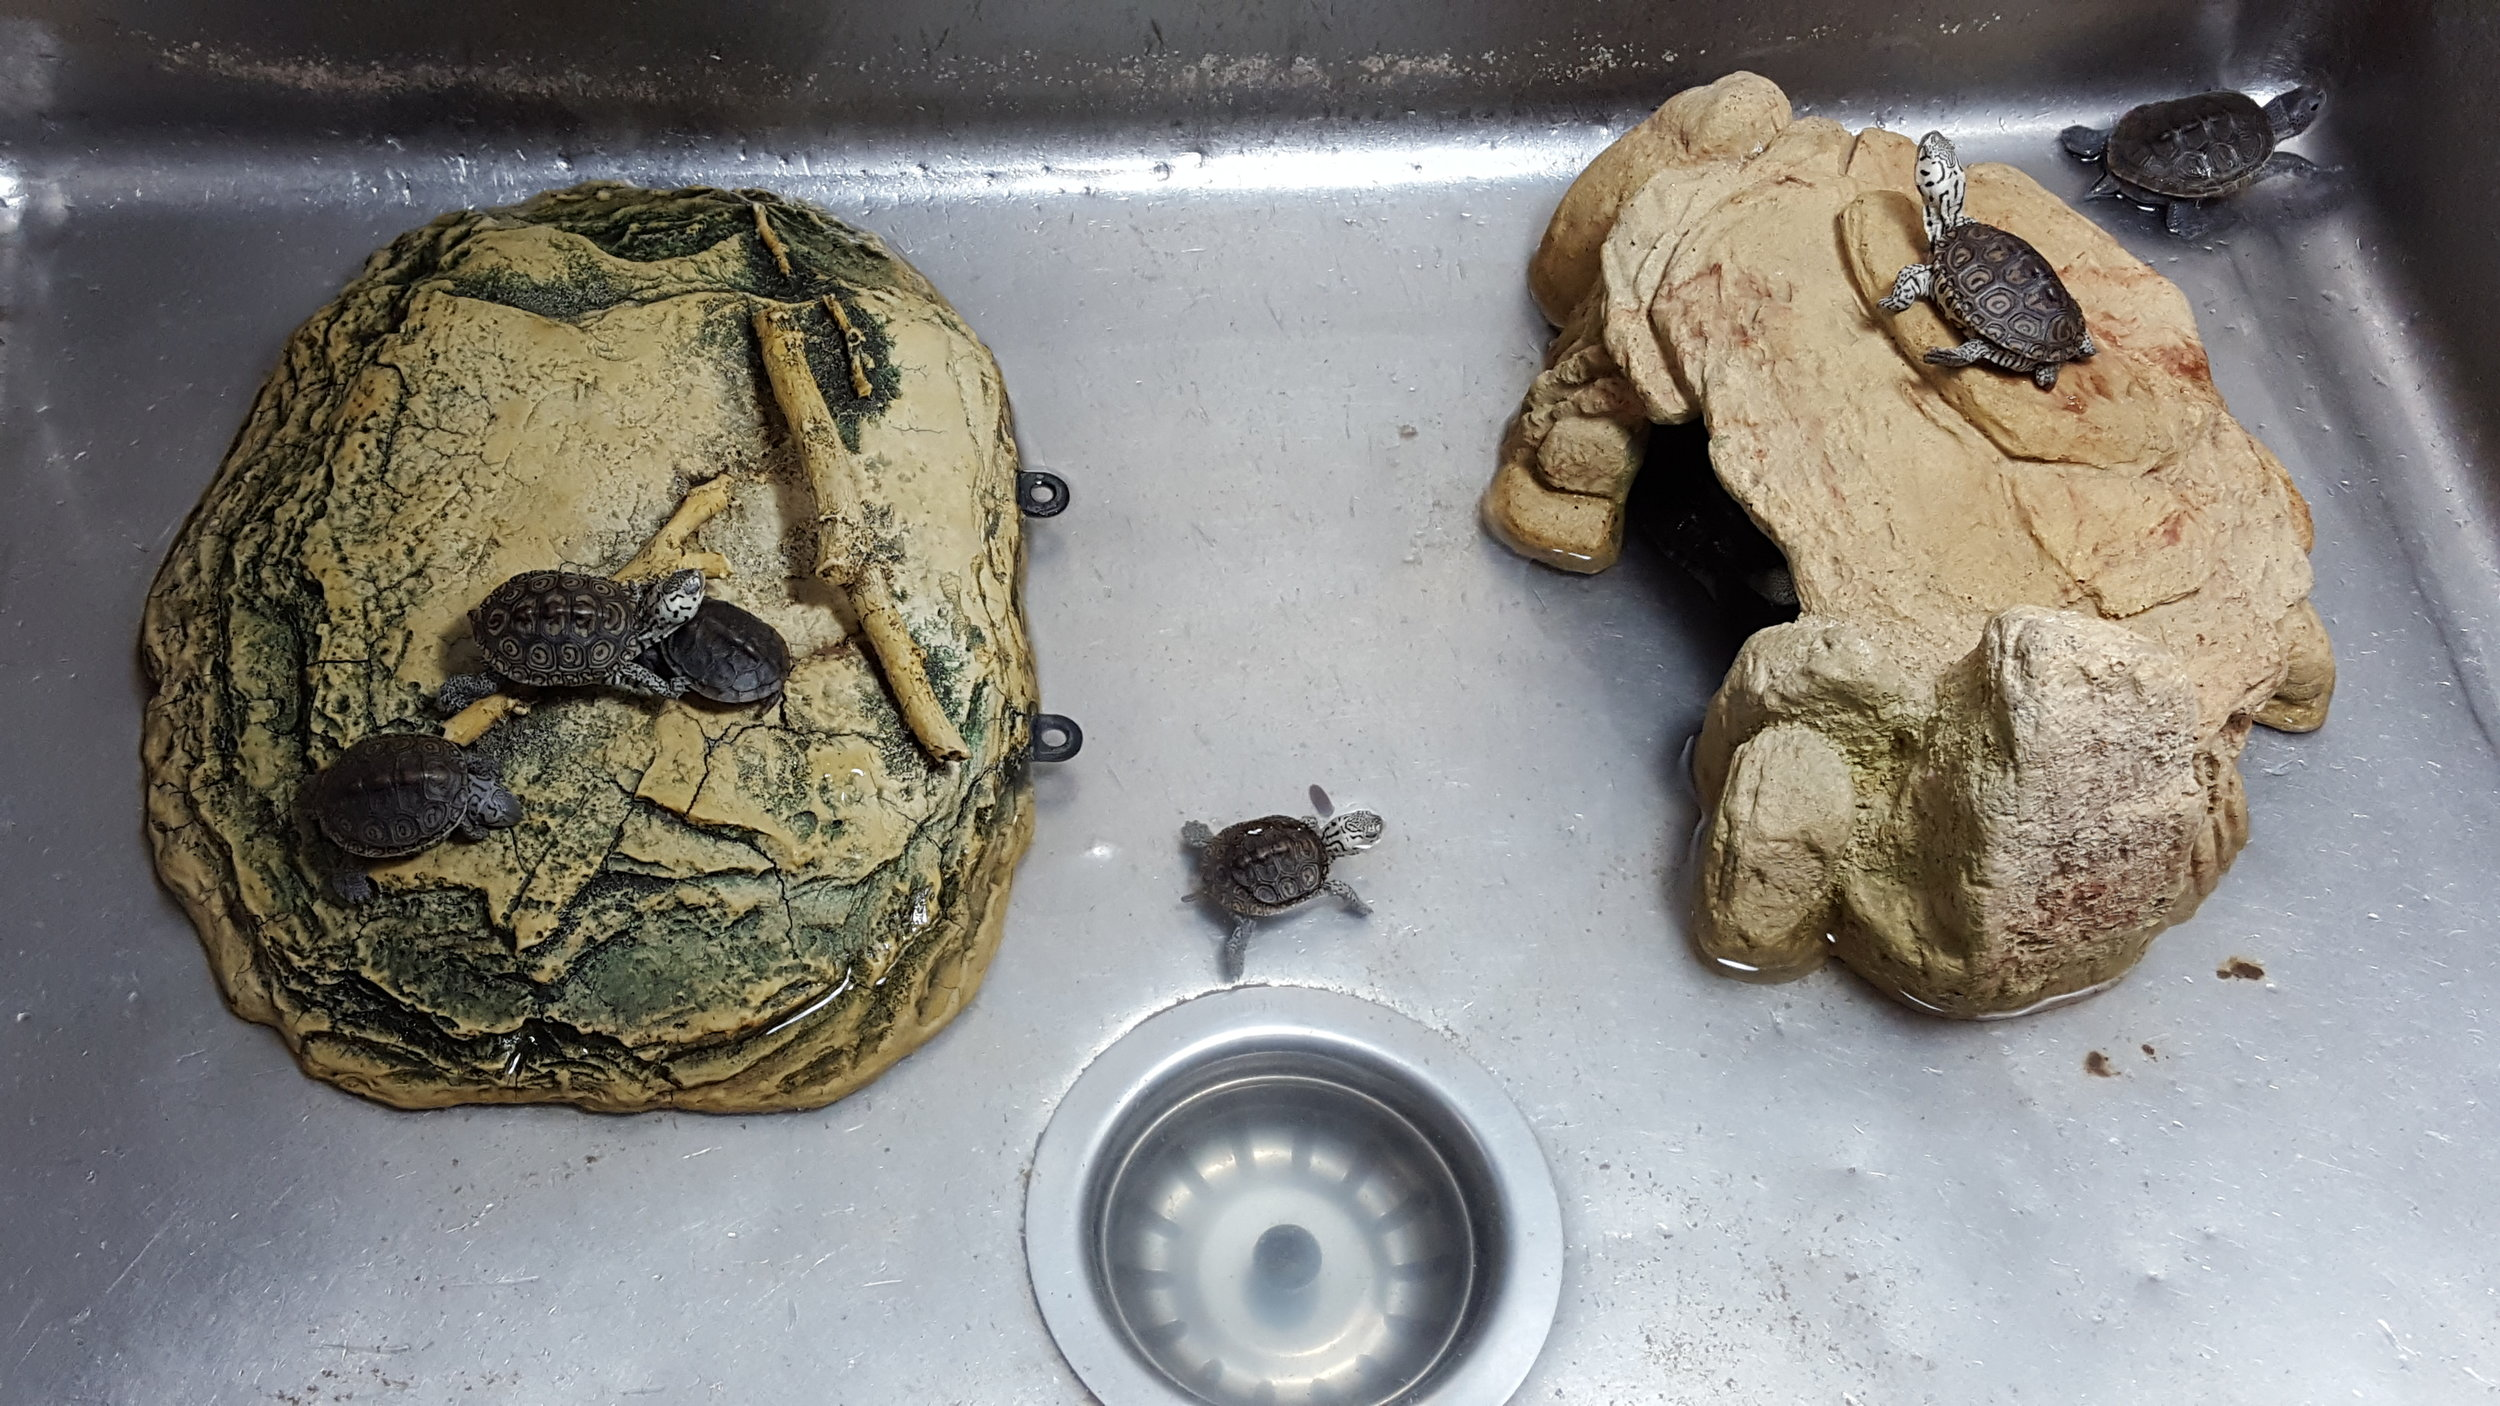 turtles in sink.jpg